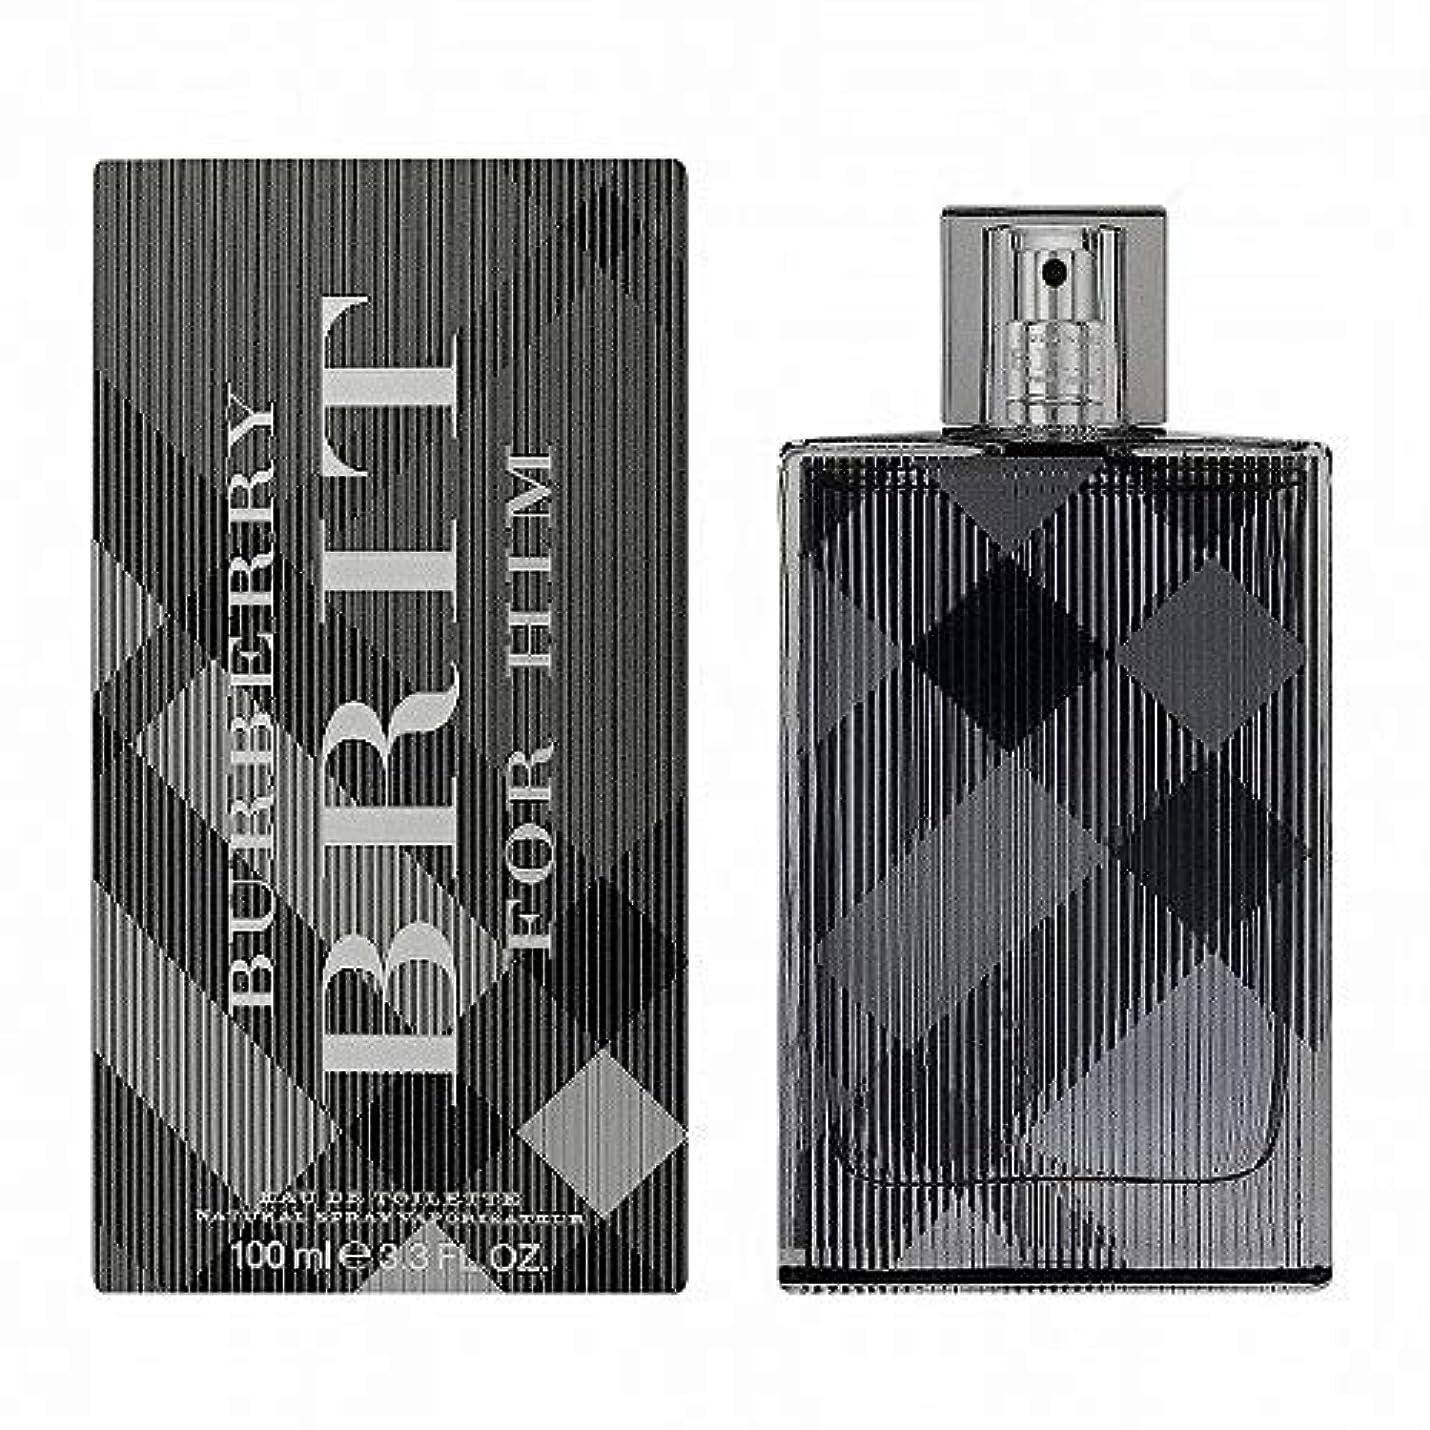 クリープ気がついて安らぎバーバリー BURBERRY 香水 BU-BRITFORMENETSP-100 ブリット フォーヒム オードトワレ 100ml【メンズ】 [並行輸入品]